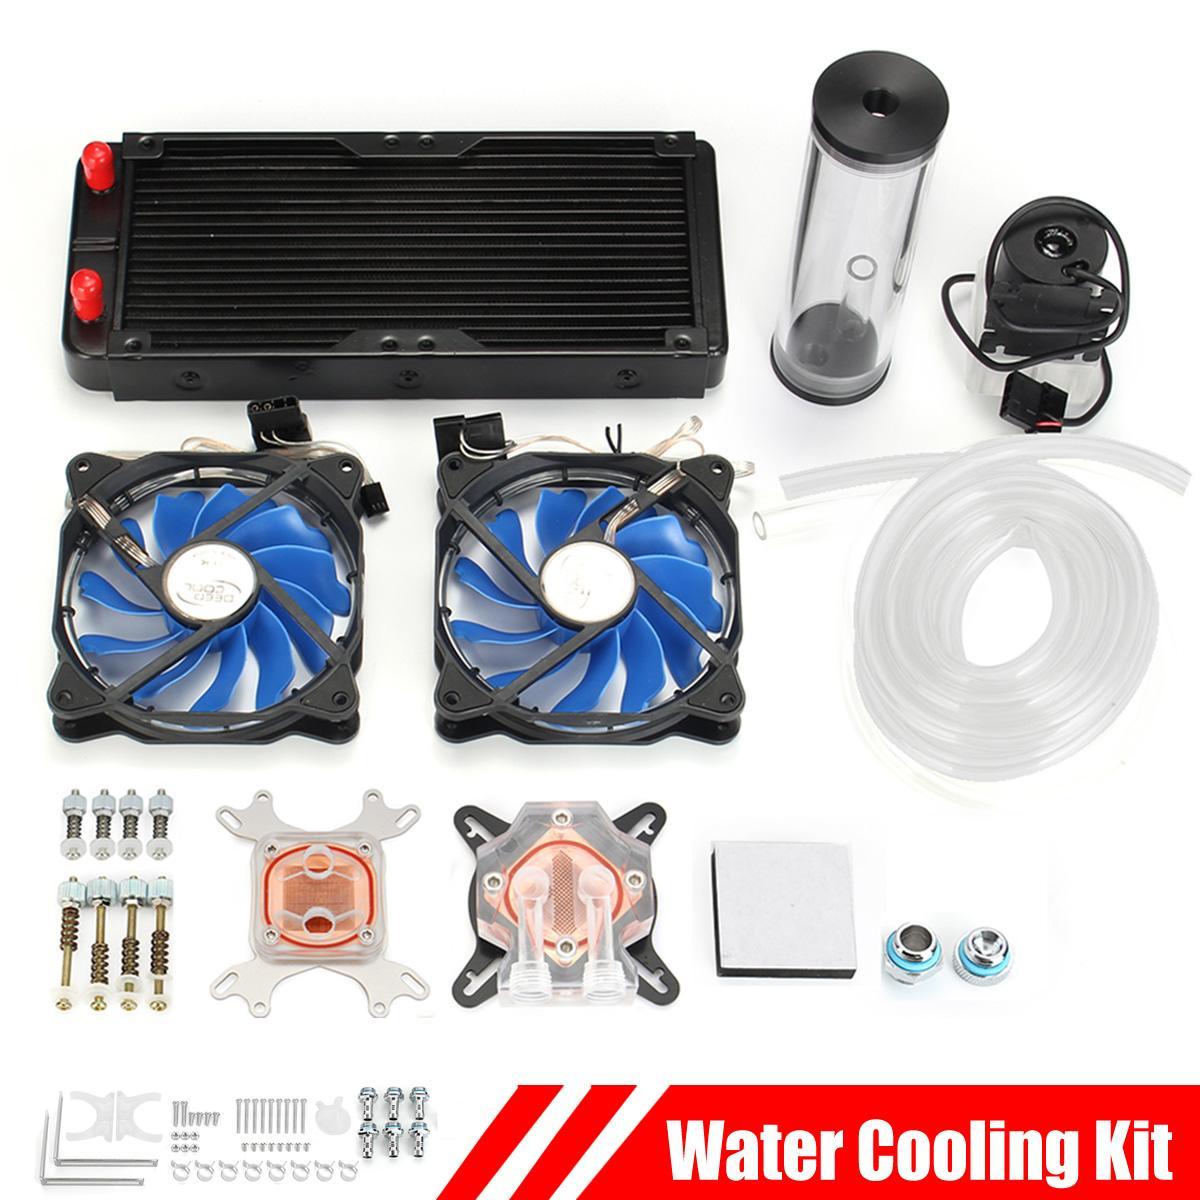 Leory PC, Kit de refrigeración por agua, bomba de radiador de 240mm, bloque de CPU, tubos rígidos, bomba de circulación DIY